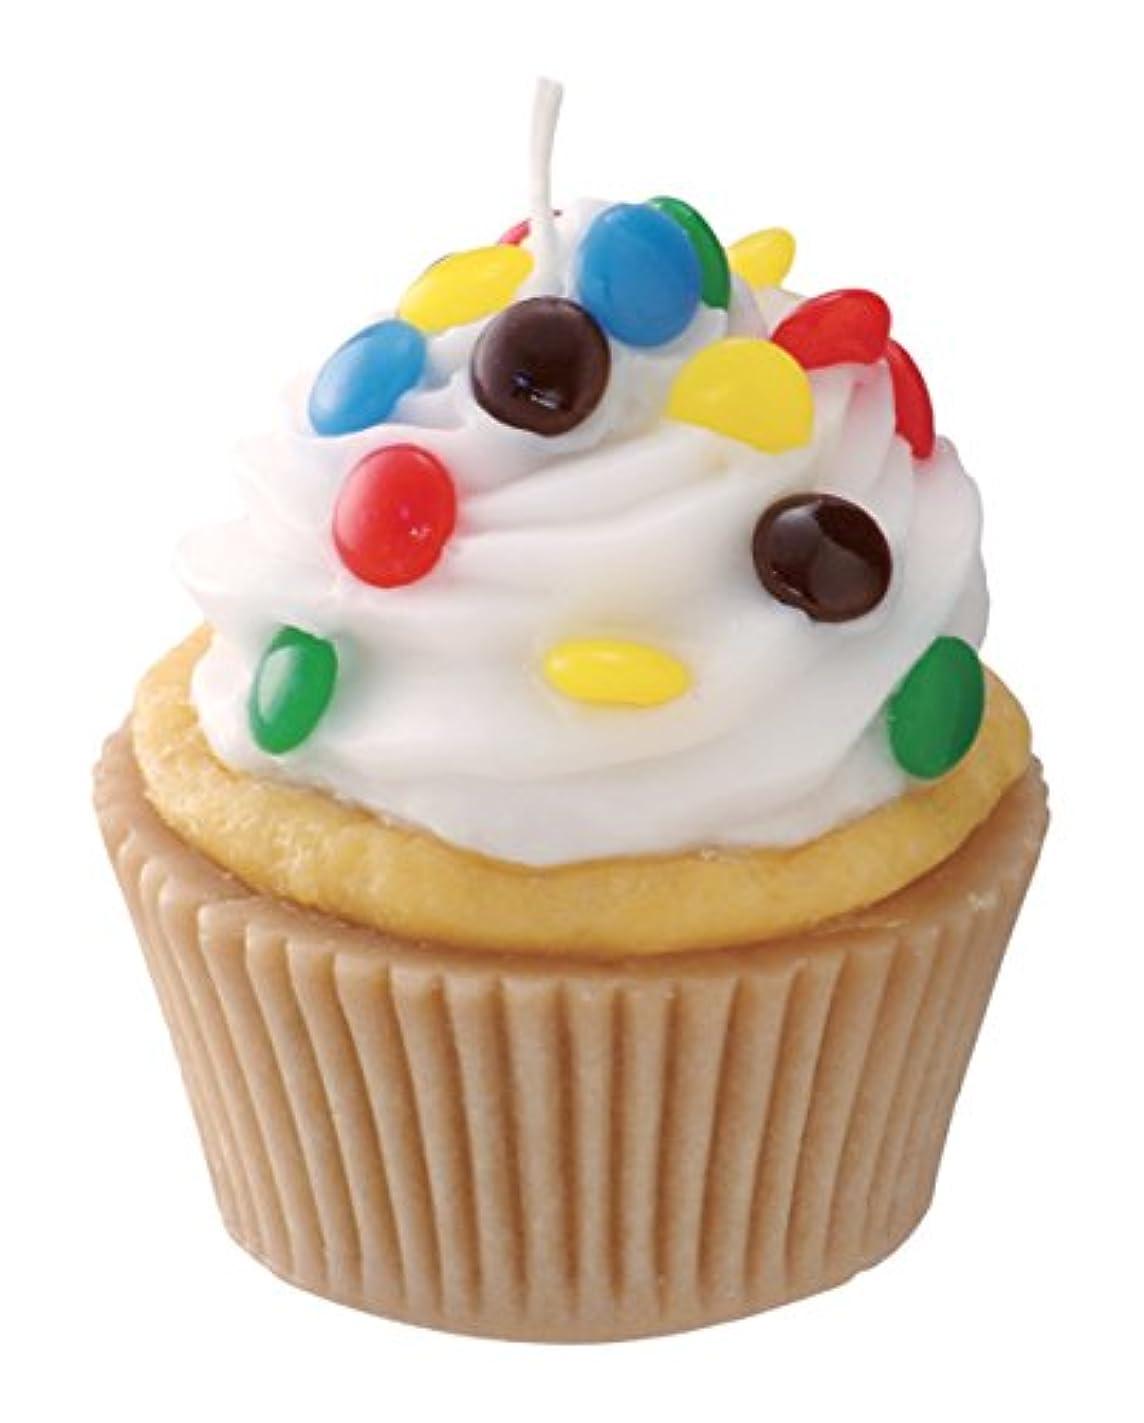 従順なうまマウントバンクカメヤマキャンドルハウス 本物そっくり! アメリカンカップケーキキャンドル ホワイトクリーム チョコレートの香り